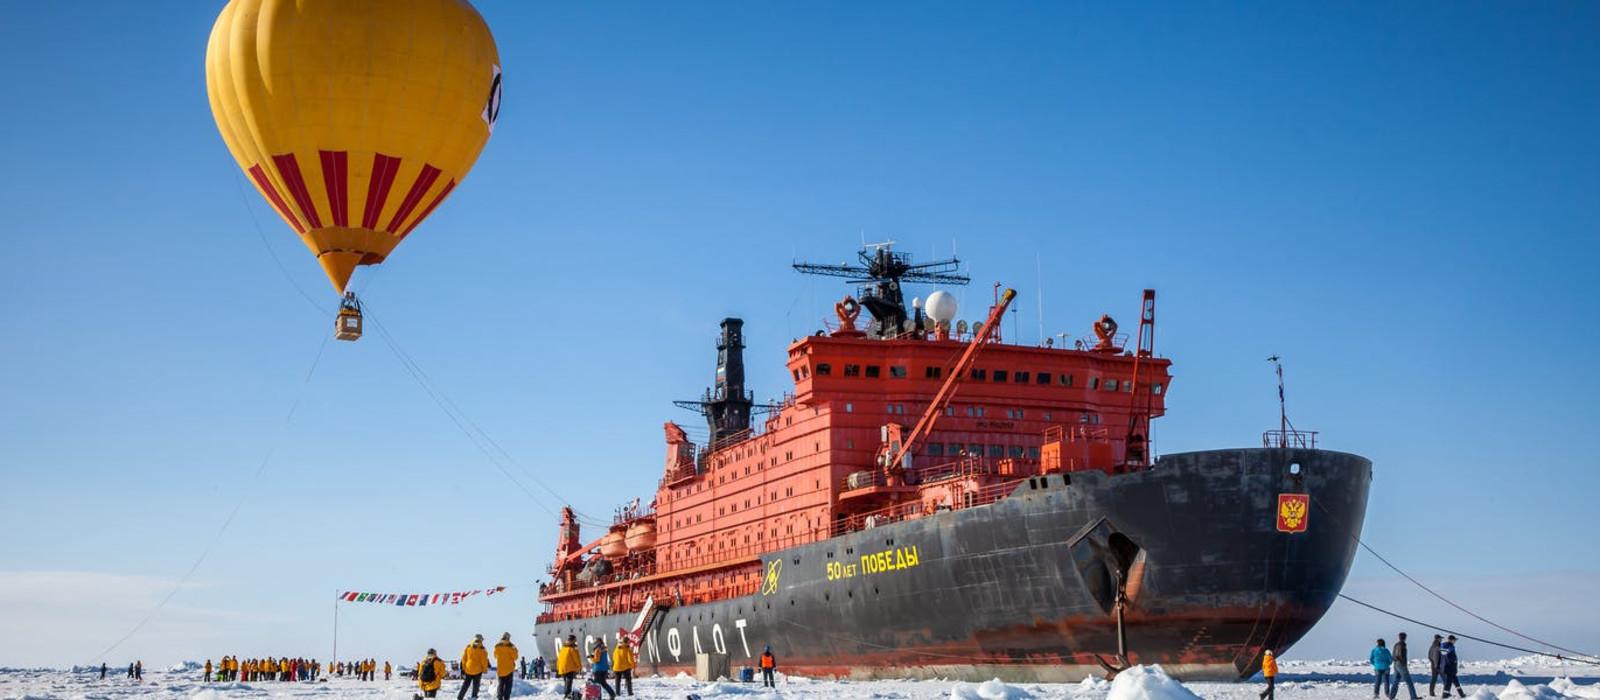 Hotel 50 Years of Victory Arktis